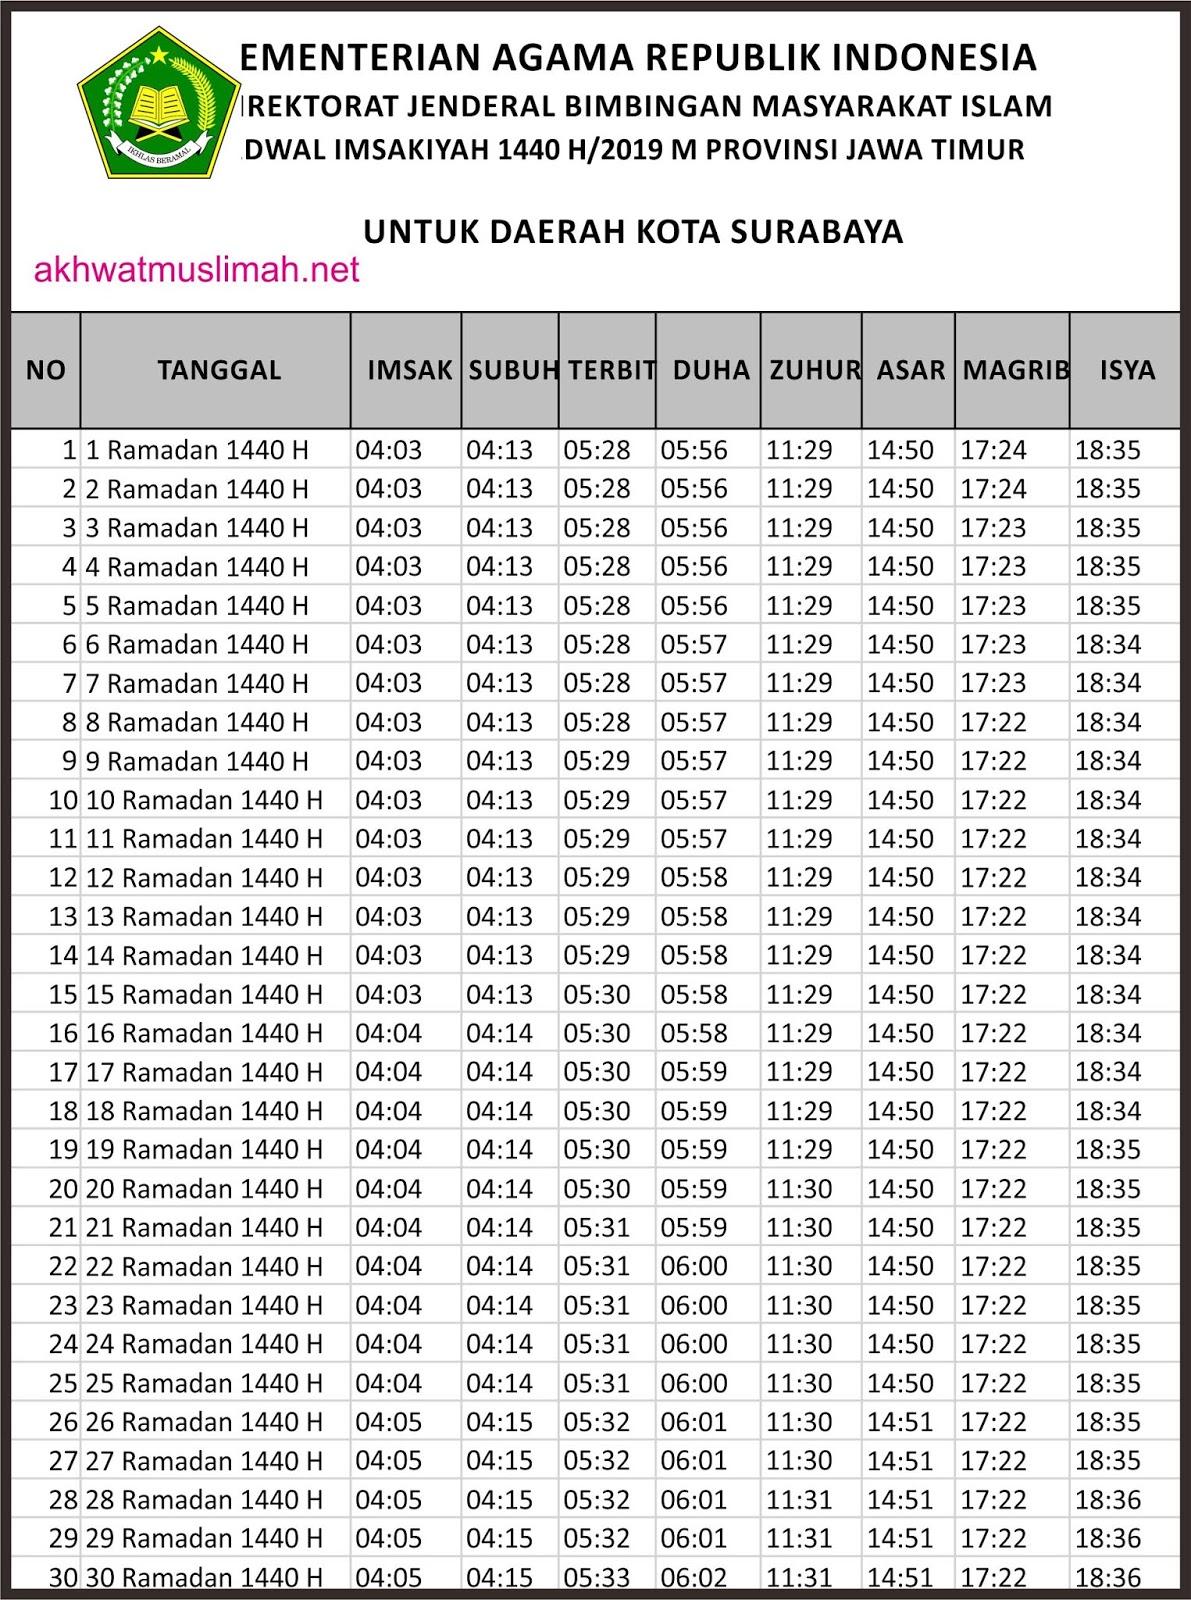 Jadwal Imsakiyah Ramadhan 2019 (1440 H) Kota Surabaya